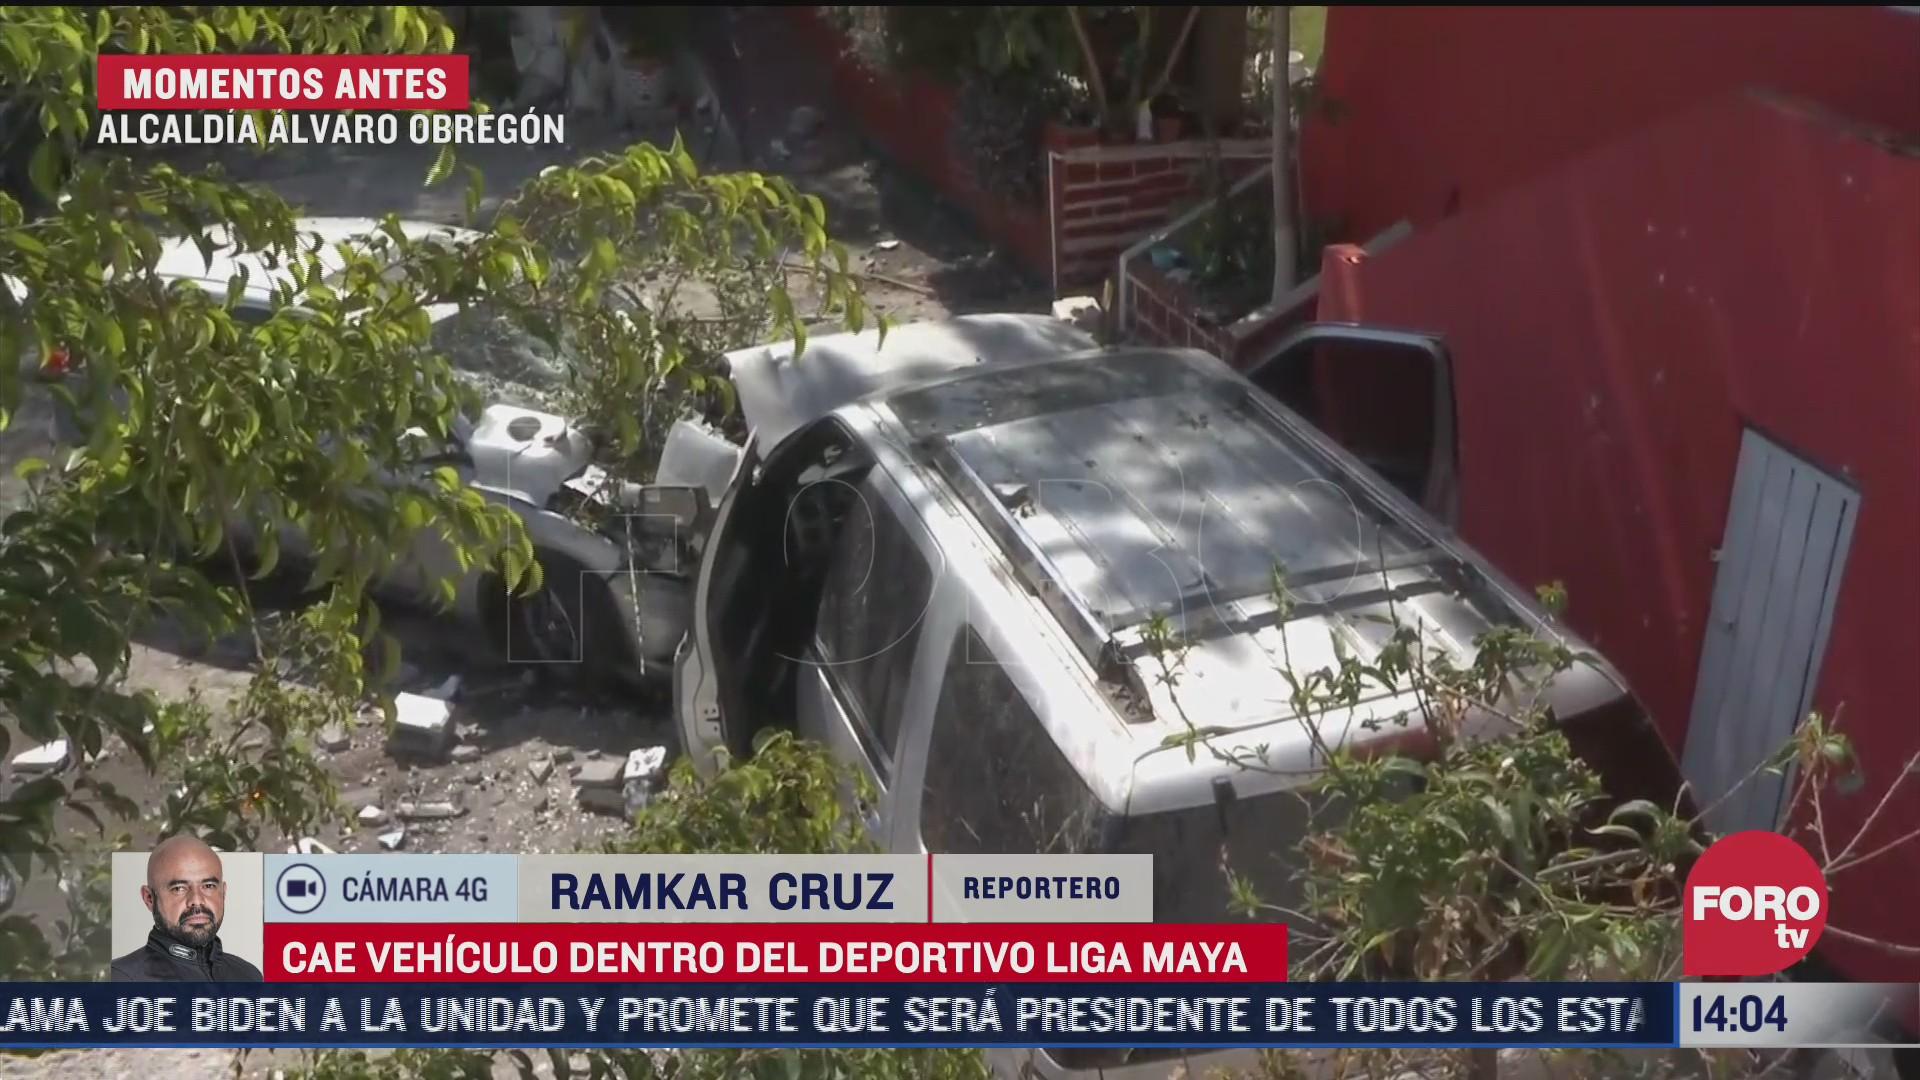 camioneta cae a estacionamiento de deportivo en la alvaro obregon